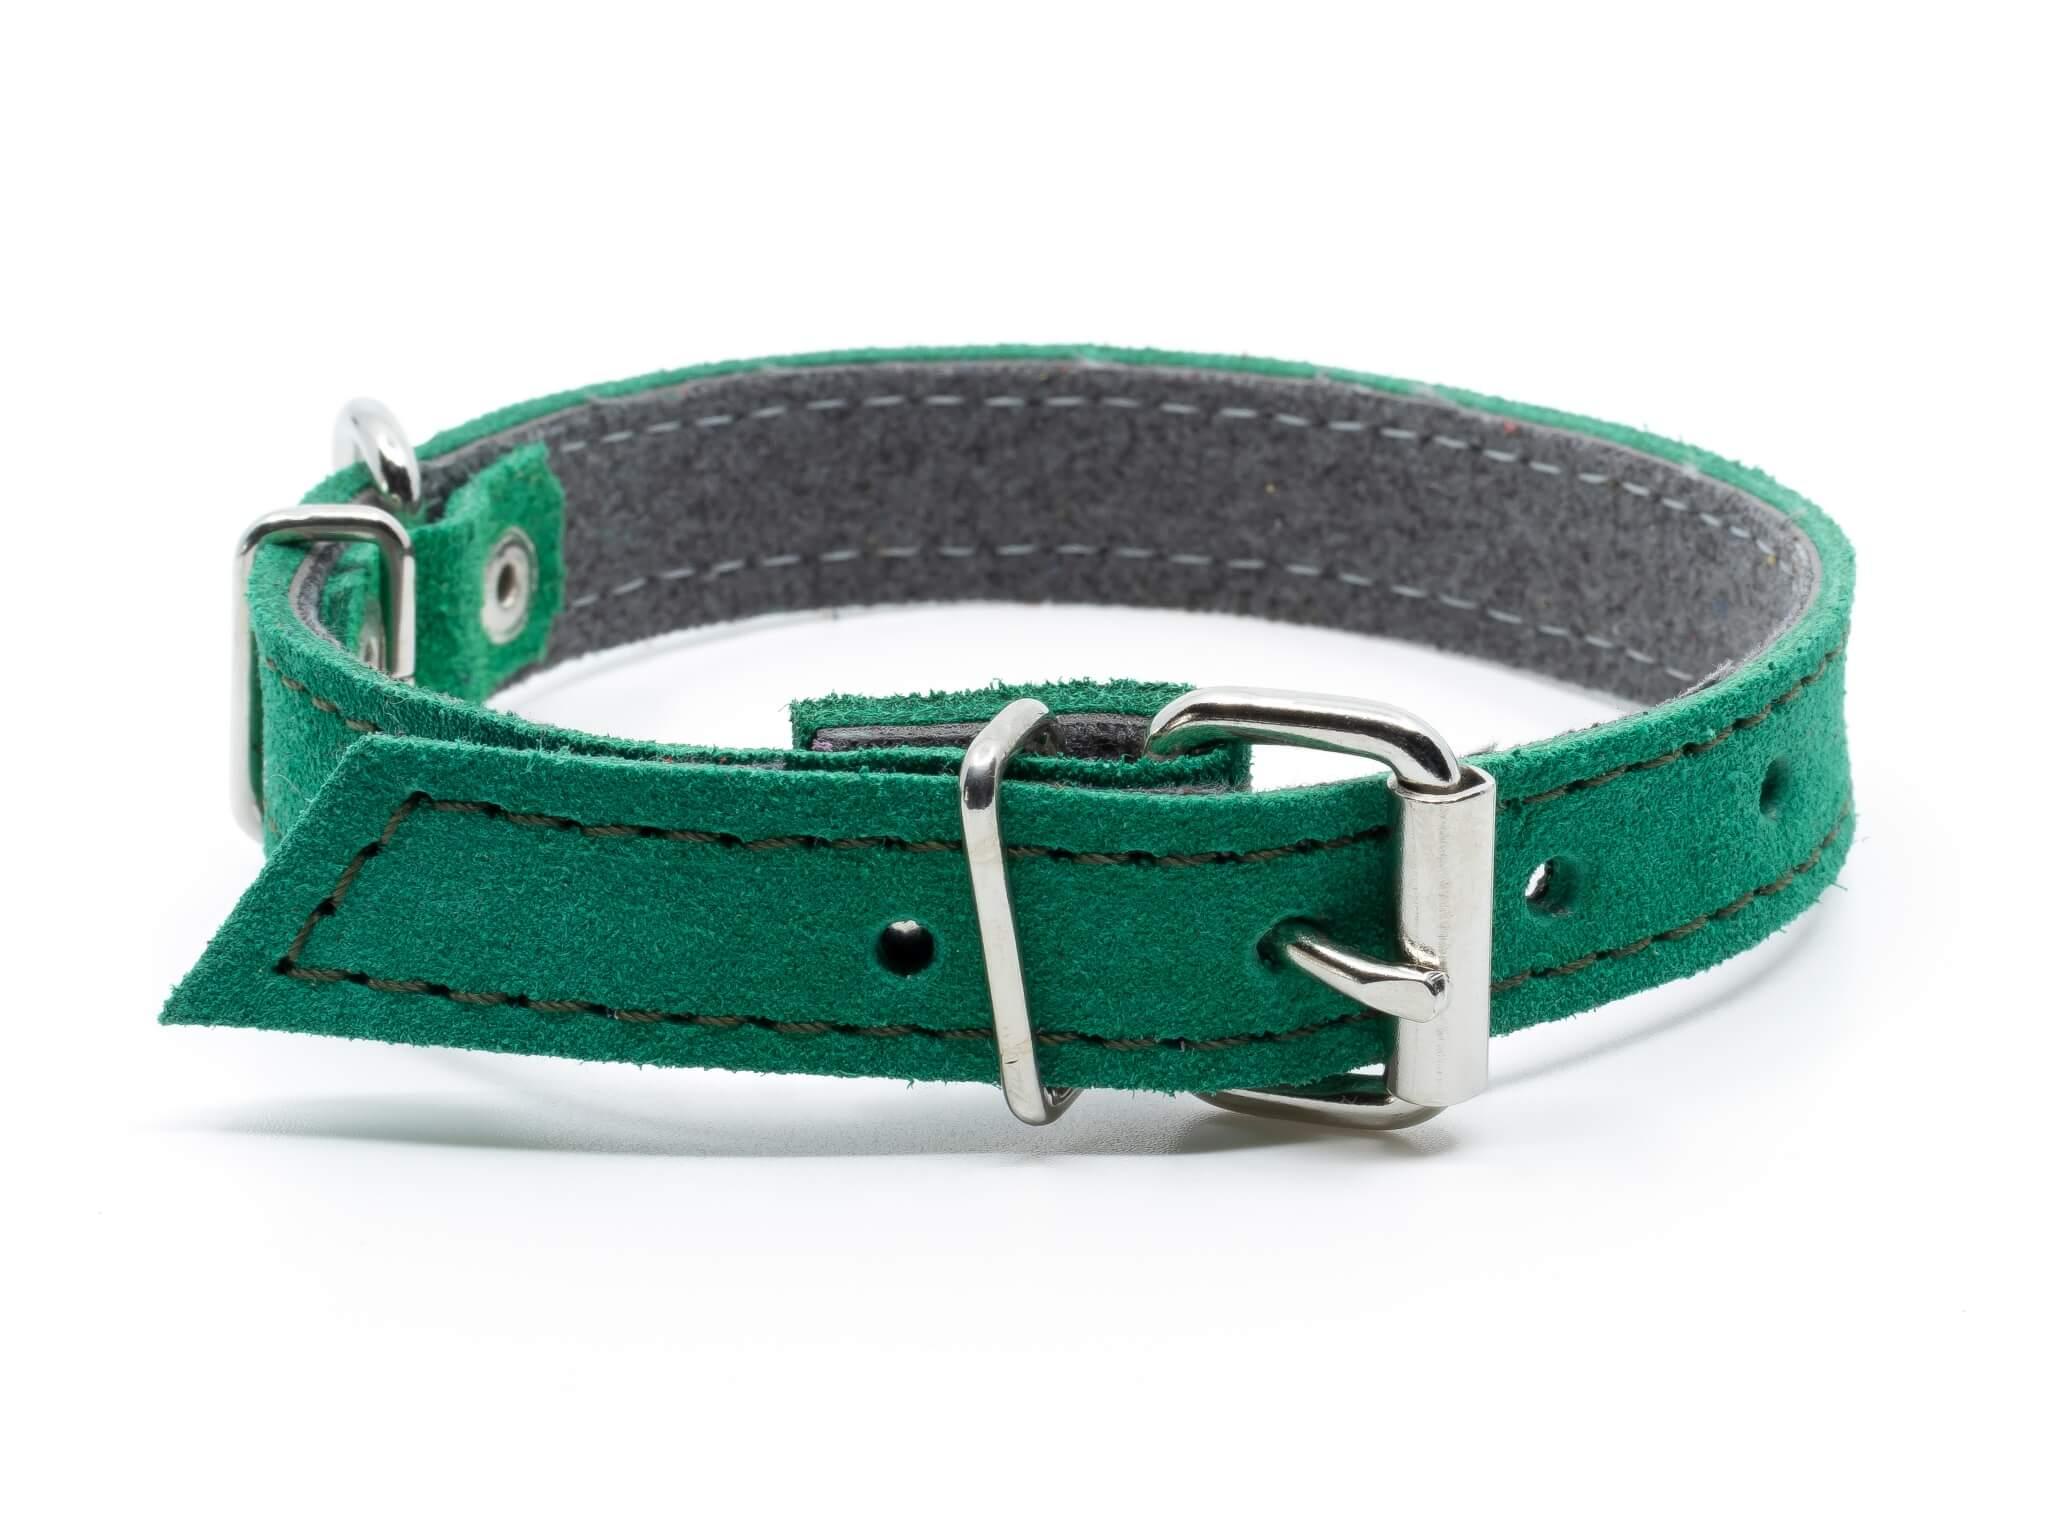 Palkar Velur kožený obojek pro psa | 13 – 48 cm Barva: Zelená, Obvod krku: 23 - 29 cm